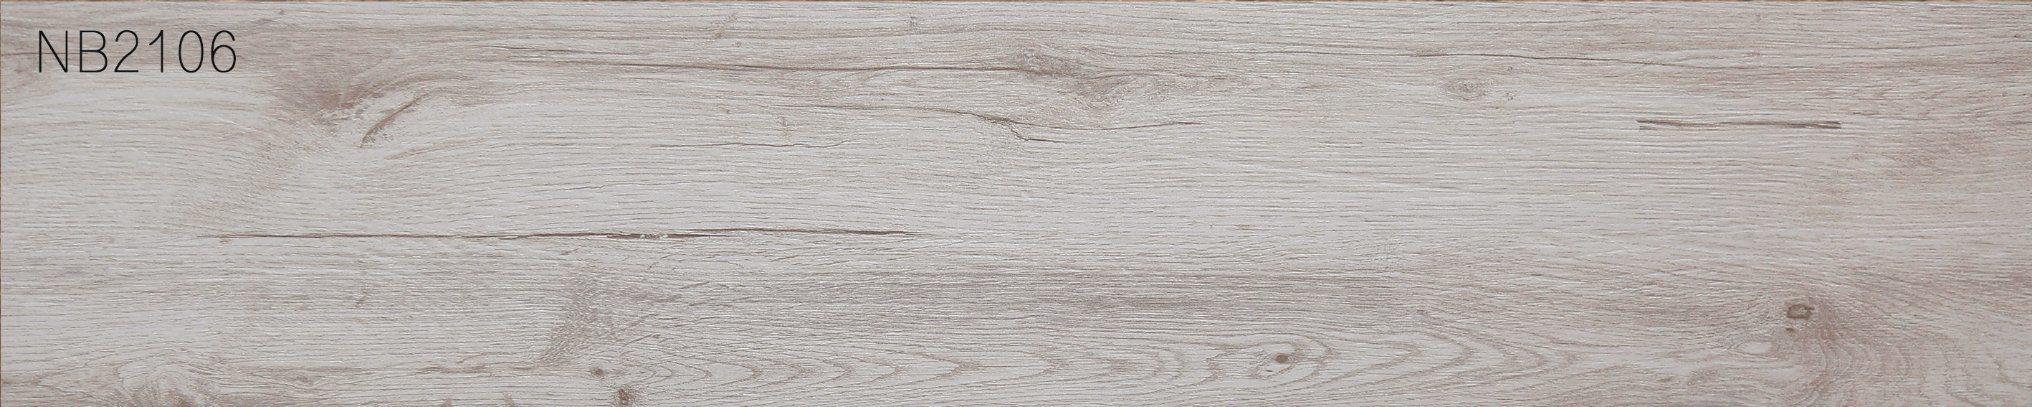 China light color wood plank porcelain tile wood timber floor tile light color wood plank porcelain tile wood timber floor tile dailygadgetfo Choice Image